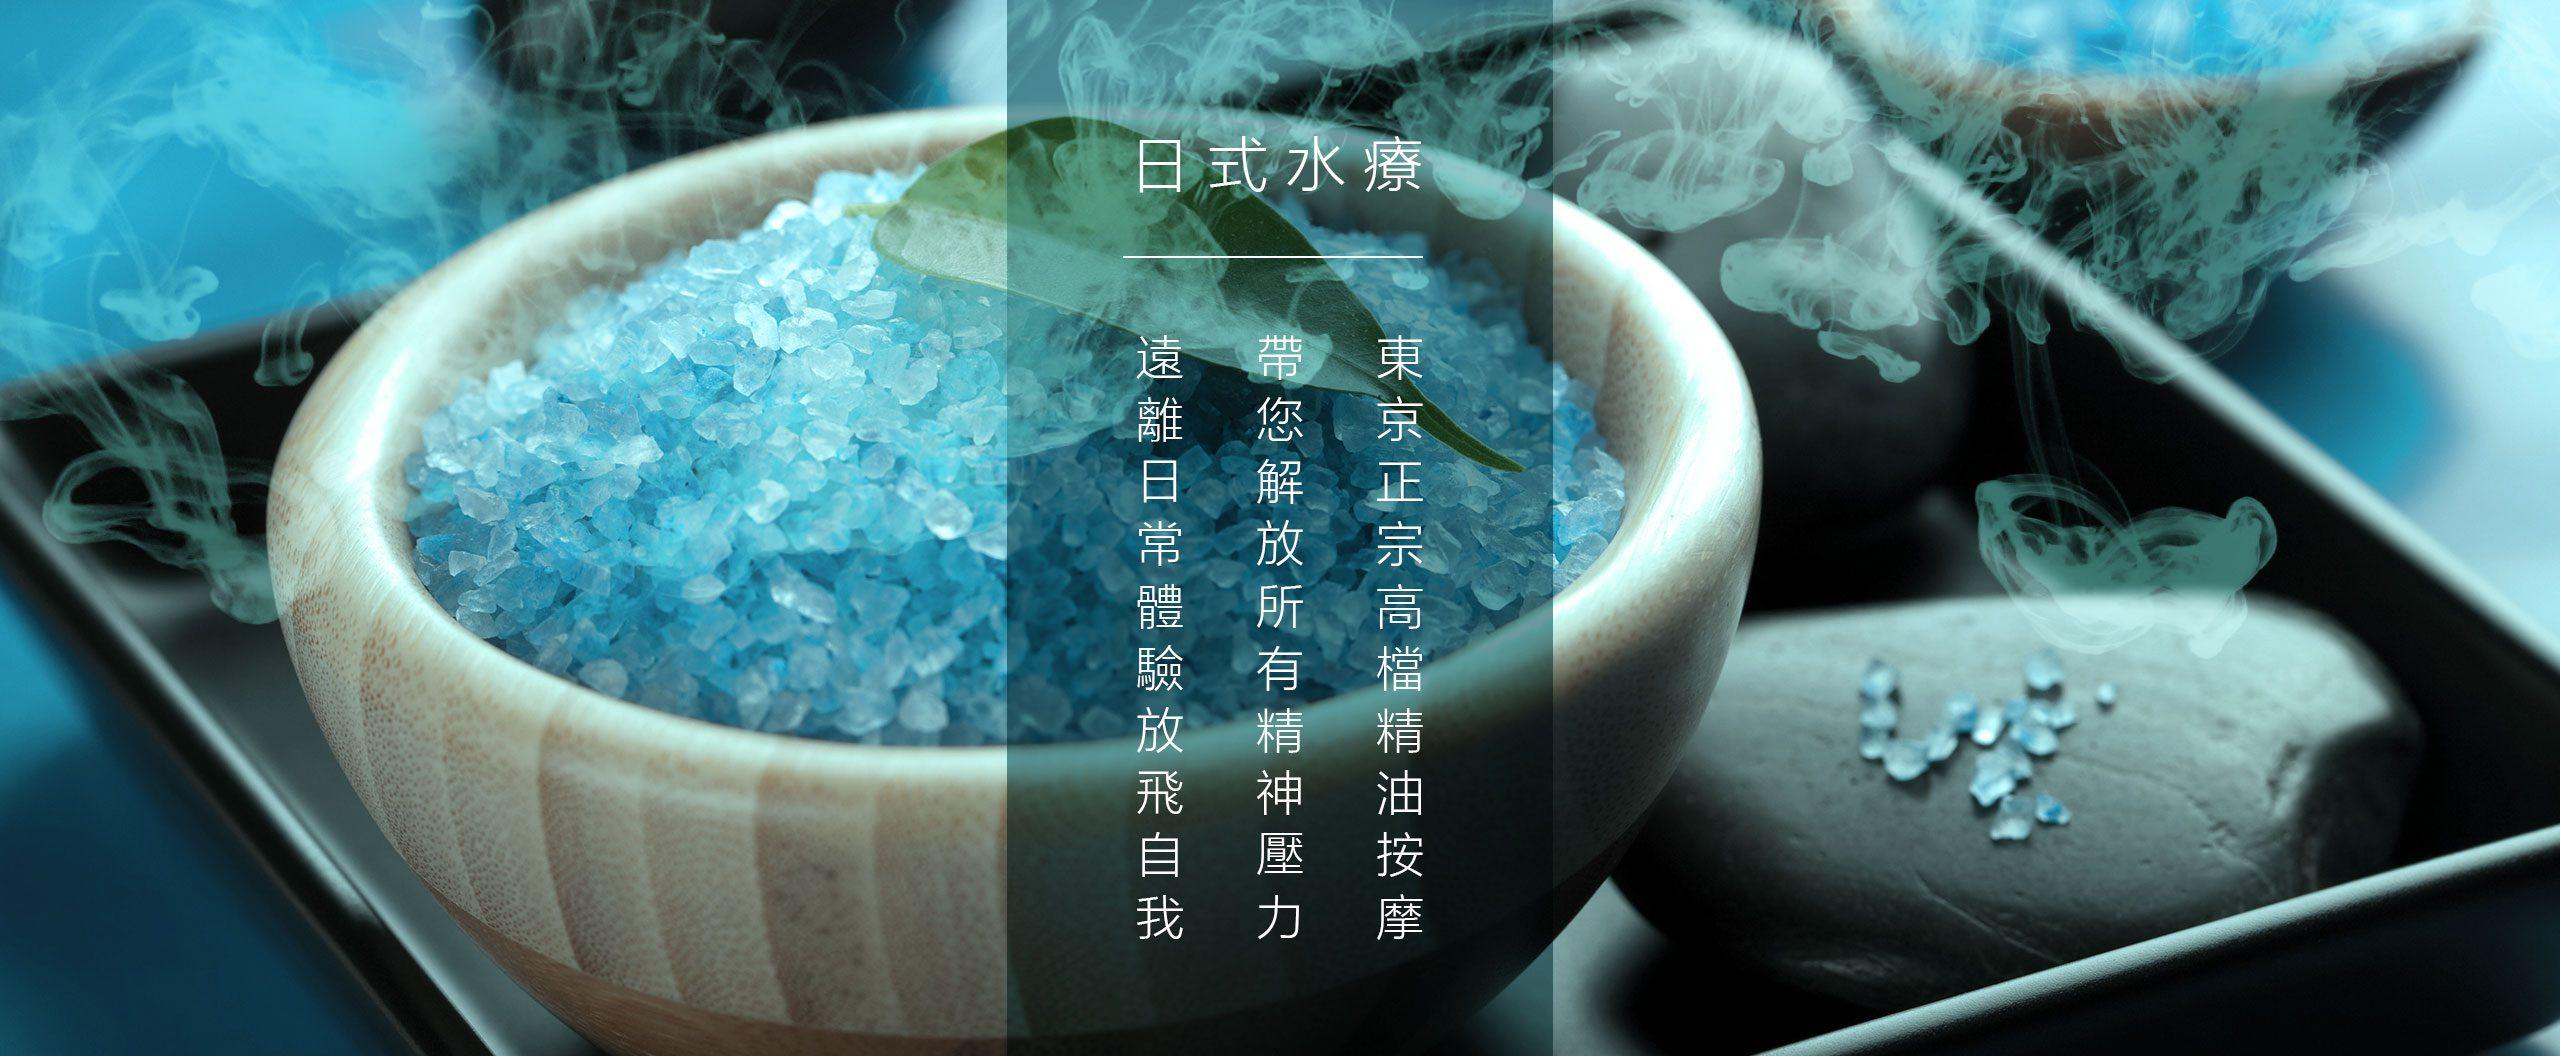 東京高檔水療沙龍精油按摩帶您體驗從未有過的放鬆